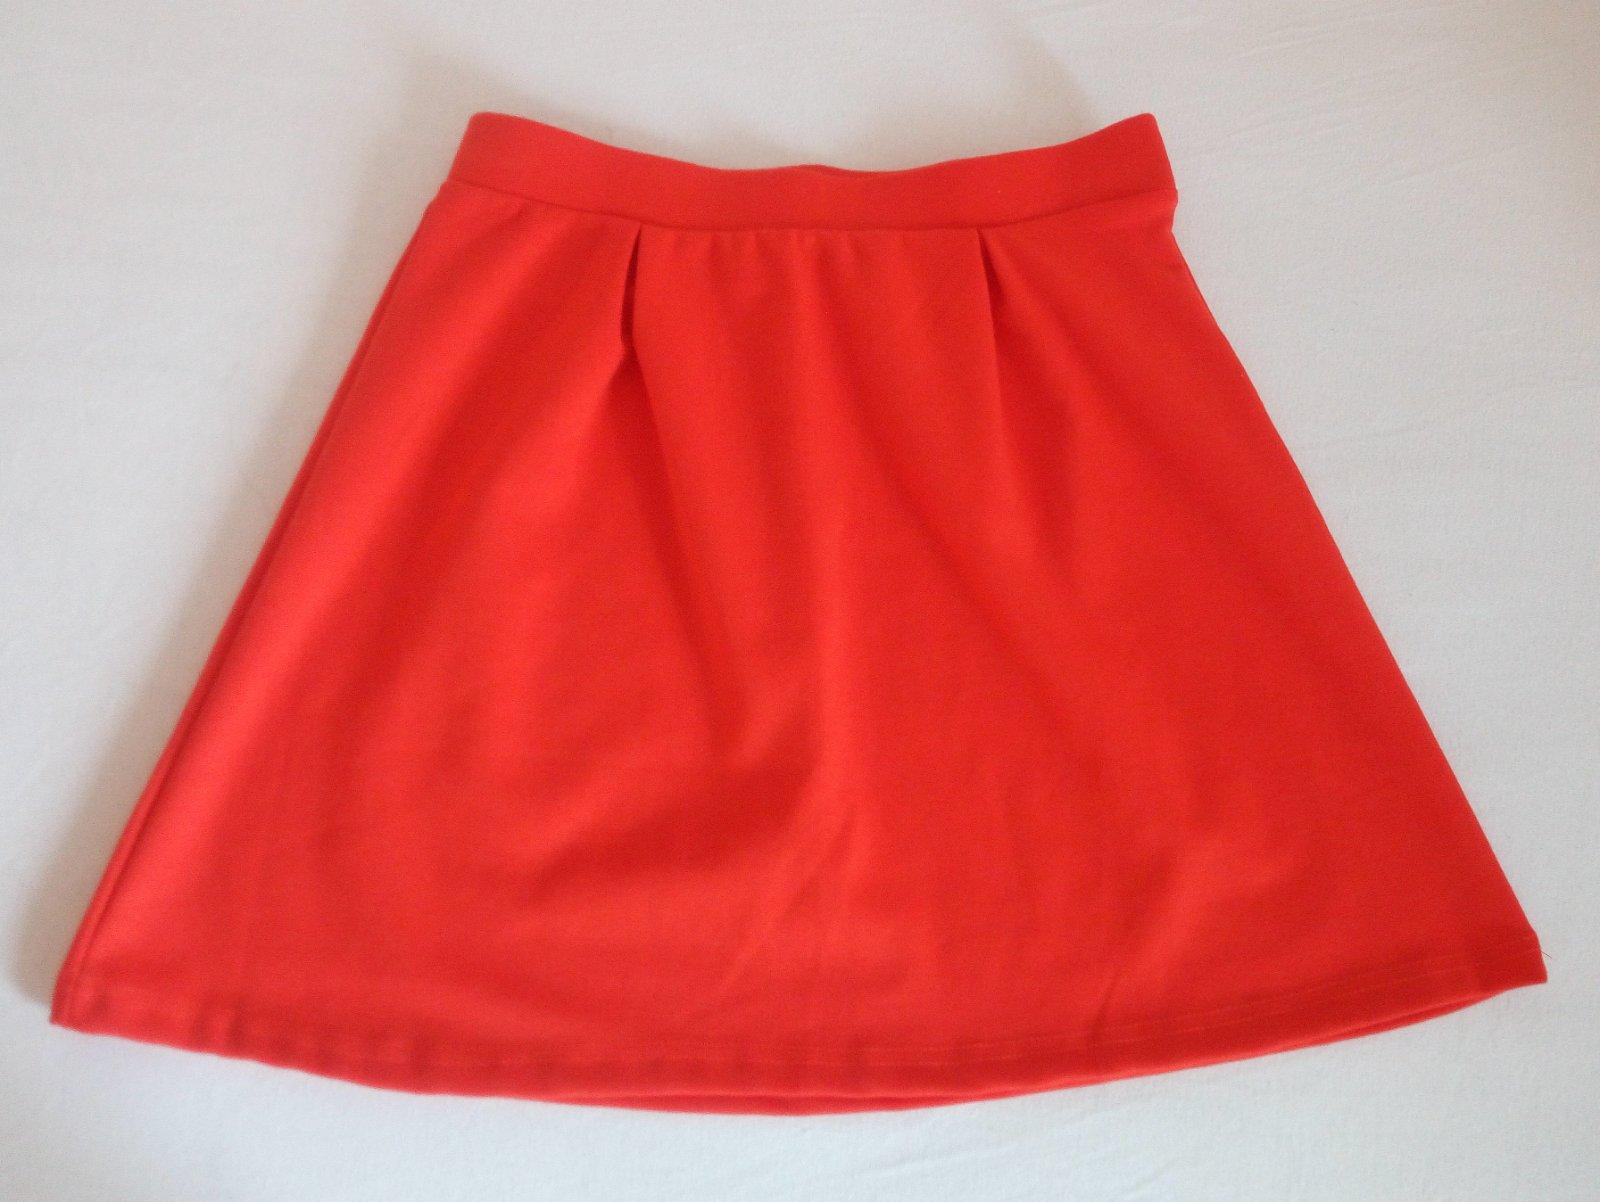 Červená áčková sukňa Gate S - Obrázok č. 2